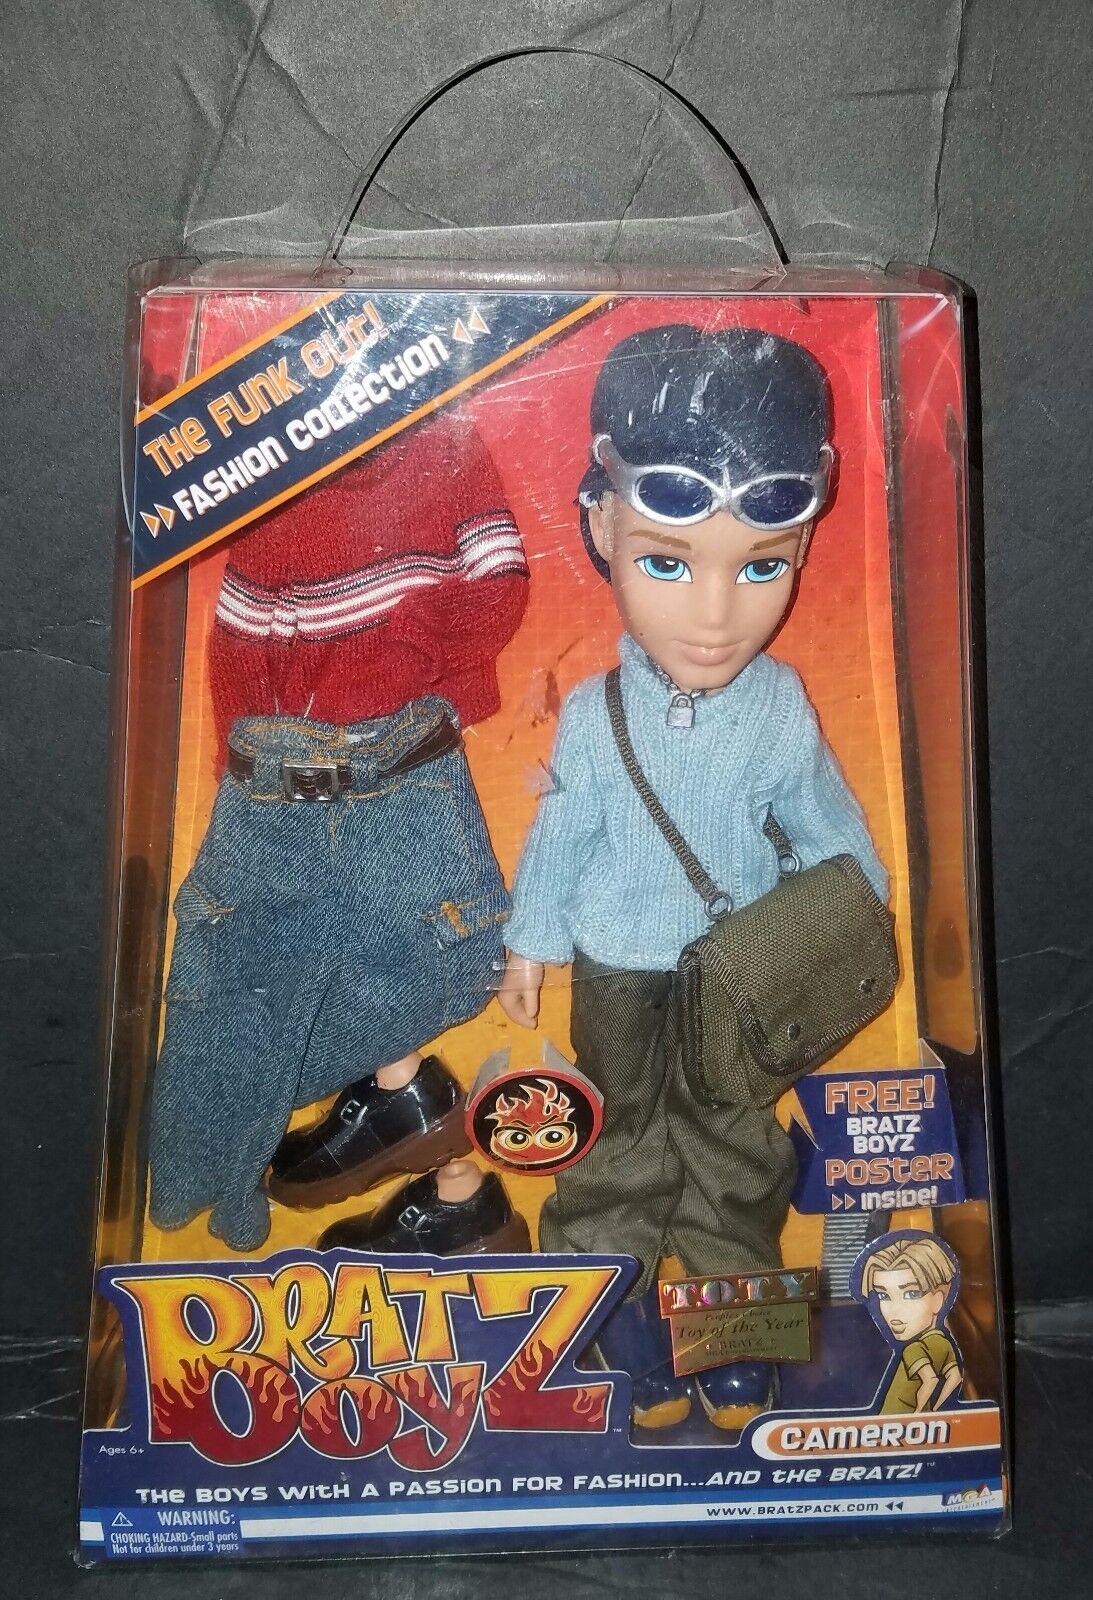 Bratz Boyz, The Funk Out   Cameron  Colección de Moda. 2004